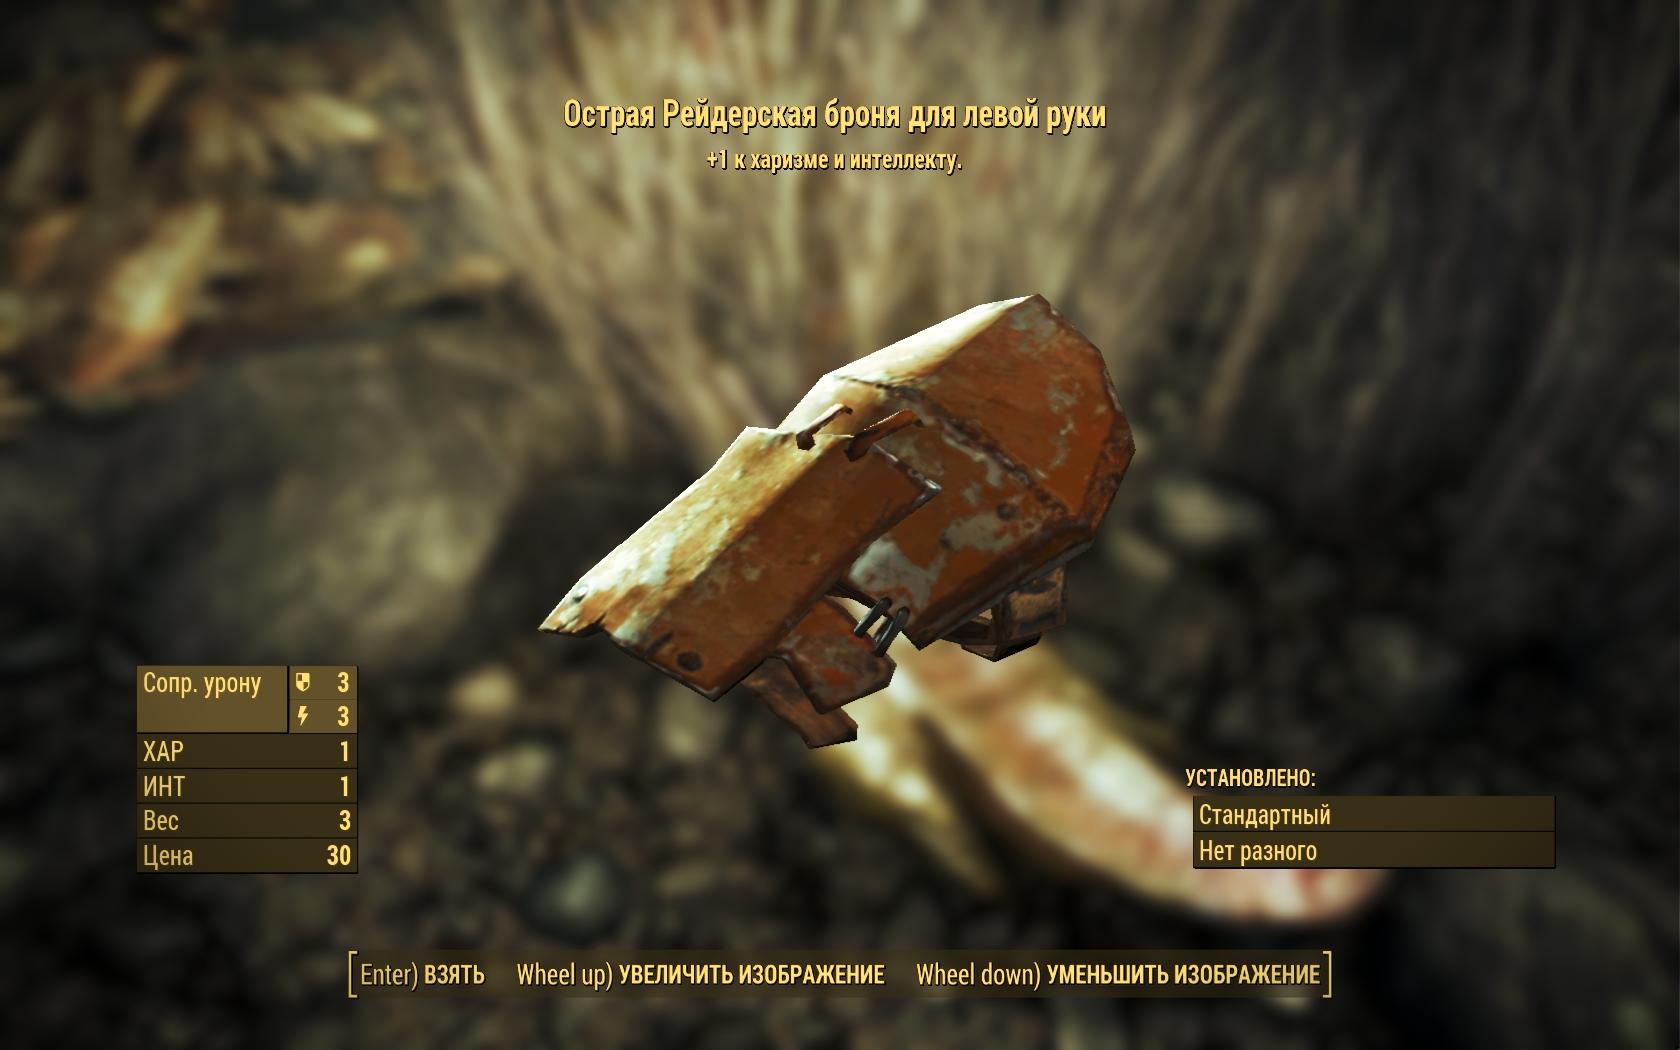 Острая рейдерская броня для левой руки - Fallout 4 броня, Одежда, Острая, рейдерская